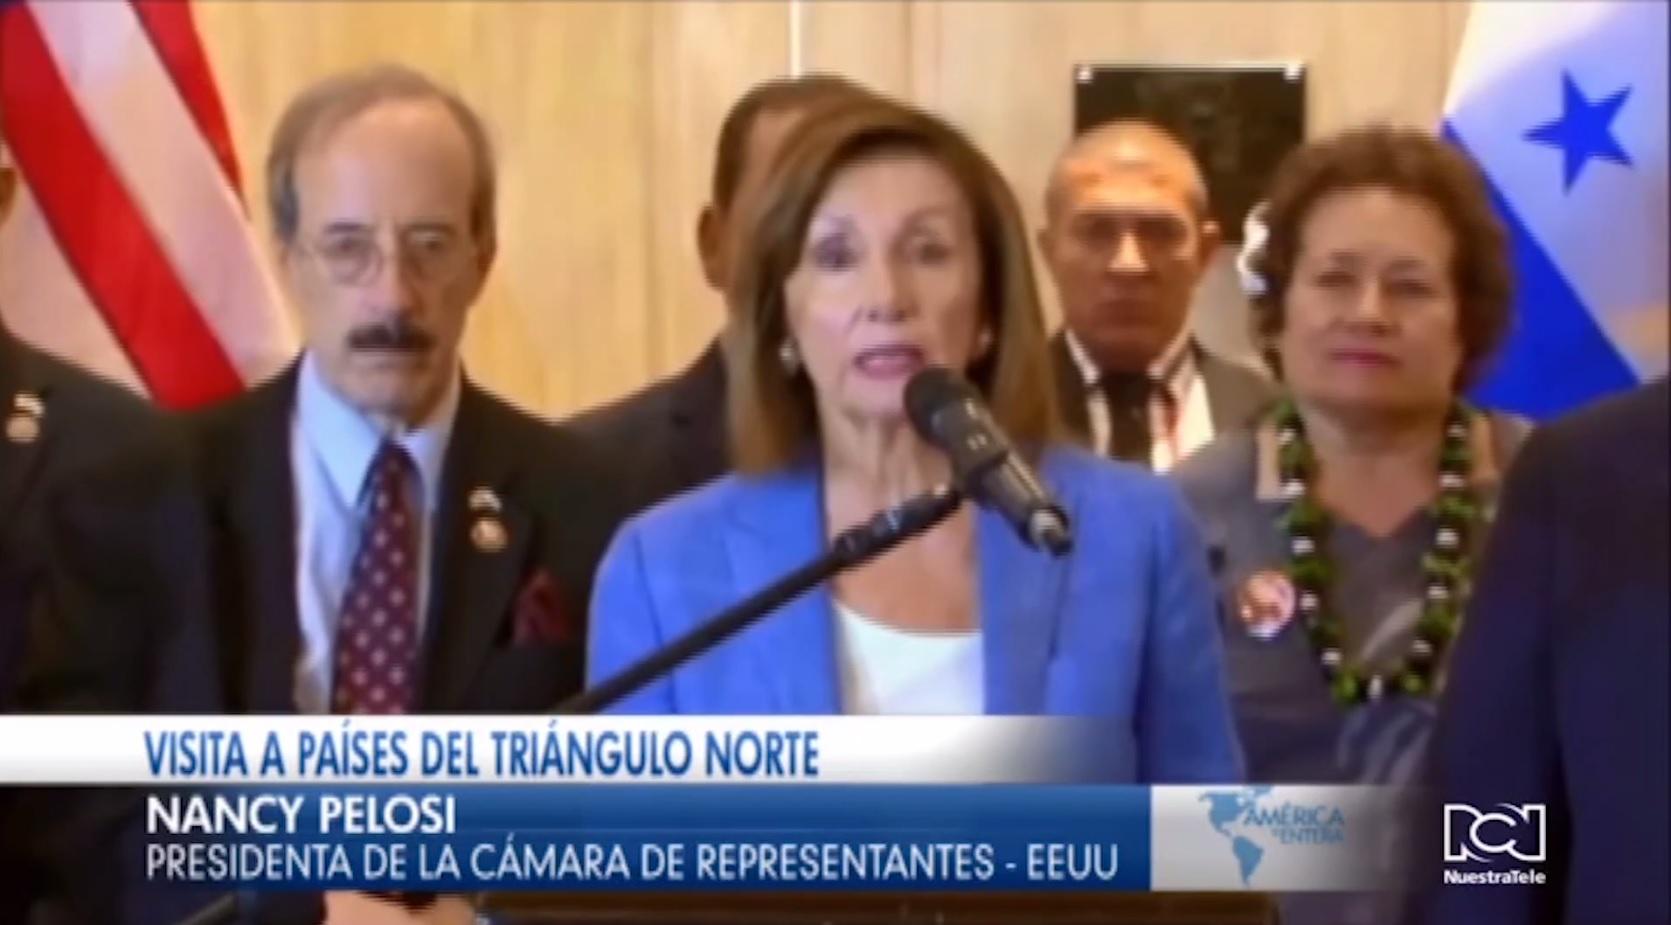 Concluye la visita de Nancy Pelosi por los países del Triángulo Norte